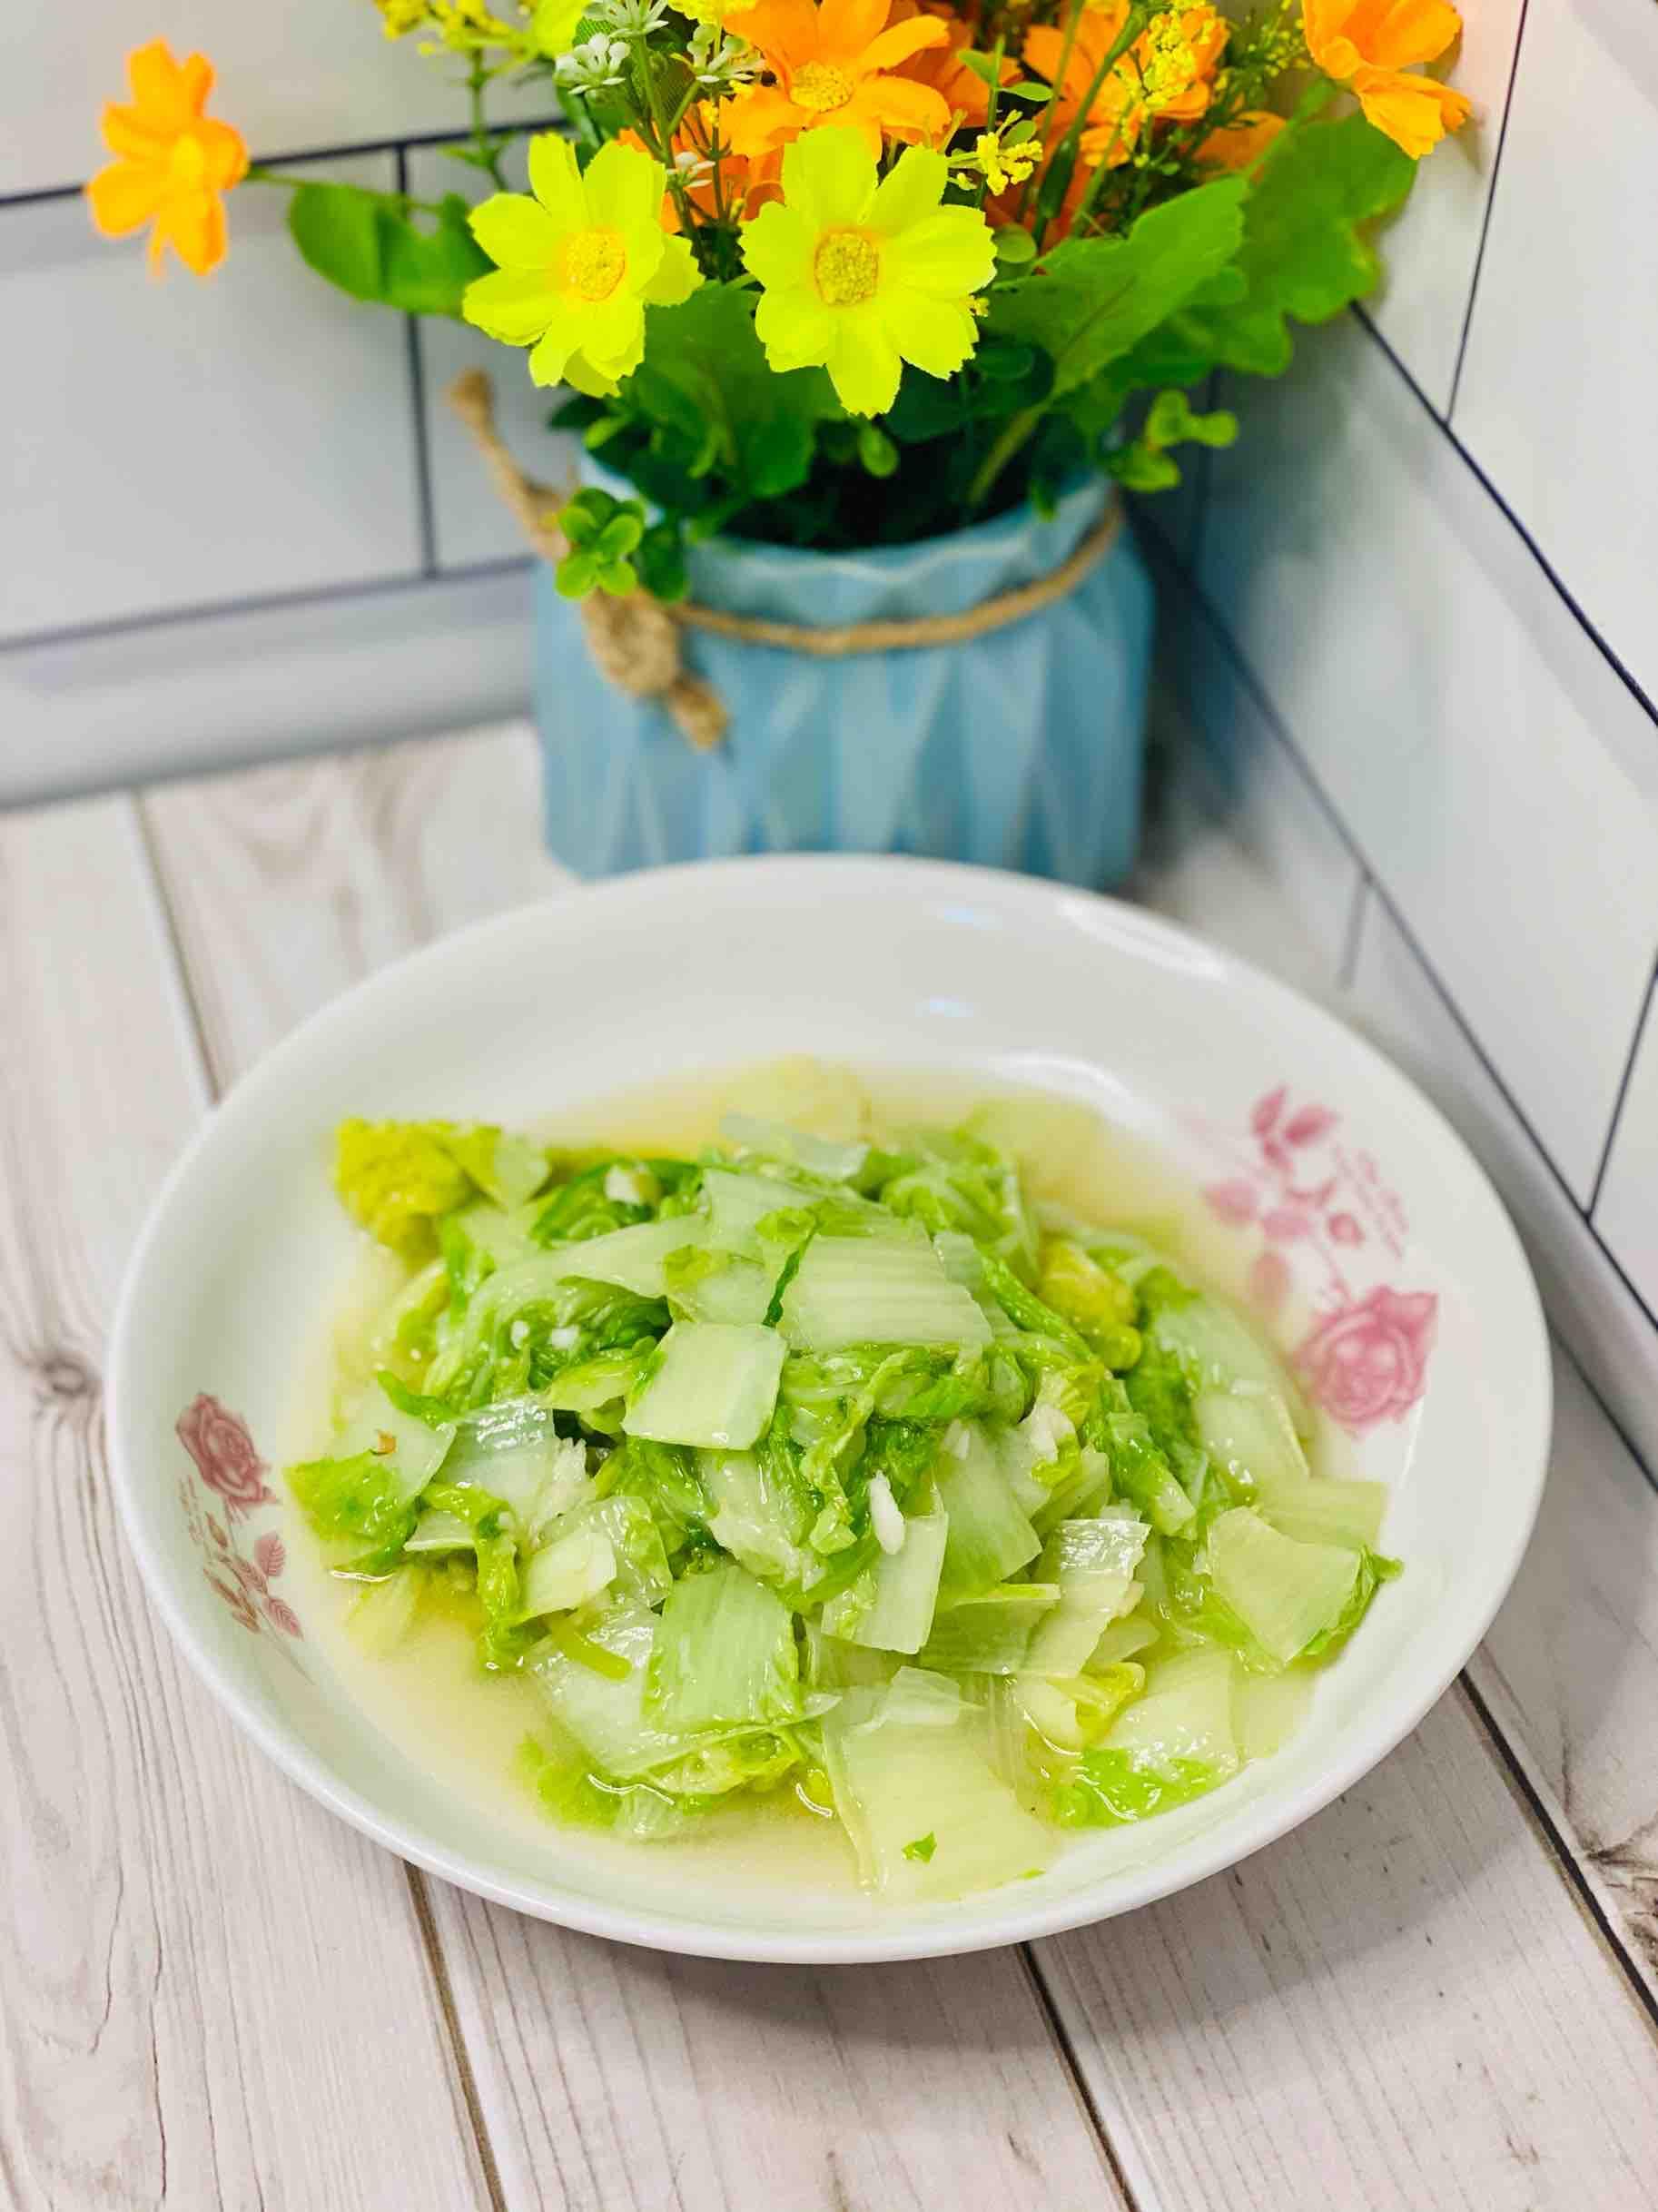 家常快手菜❗银丝白这样炒,味道鲜美超好吃成品图